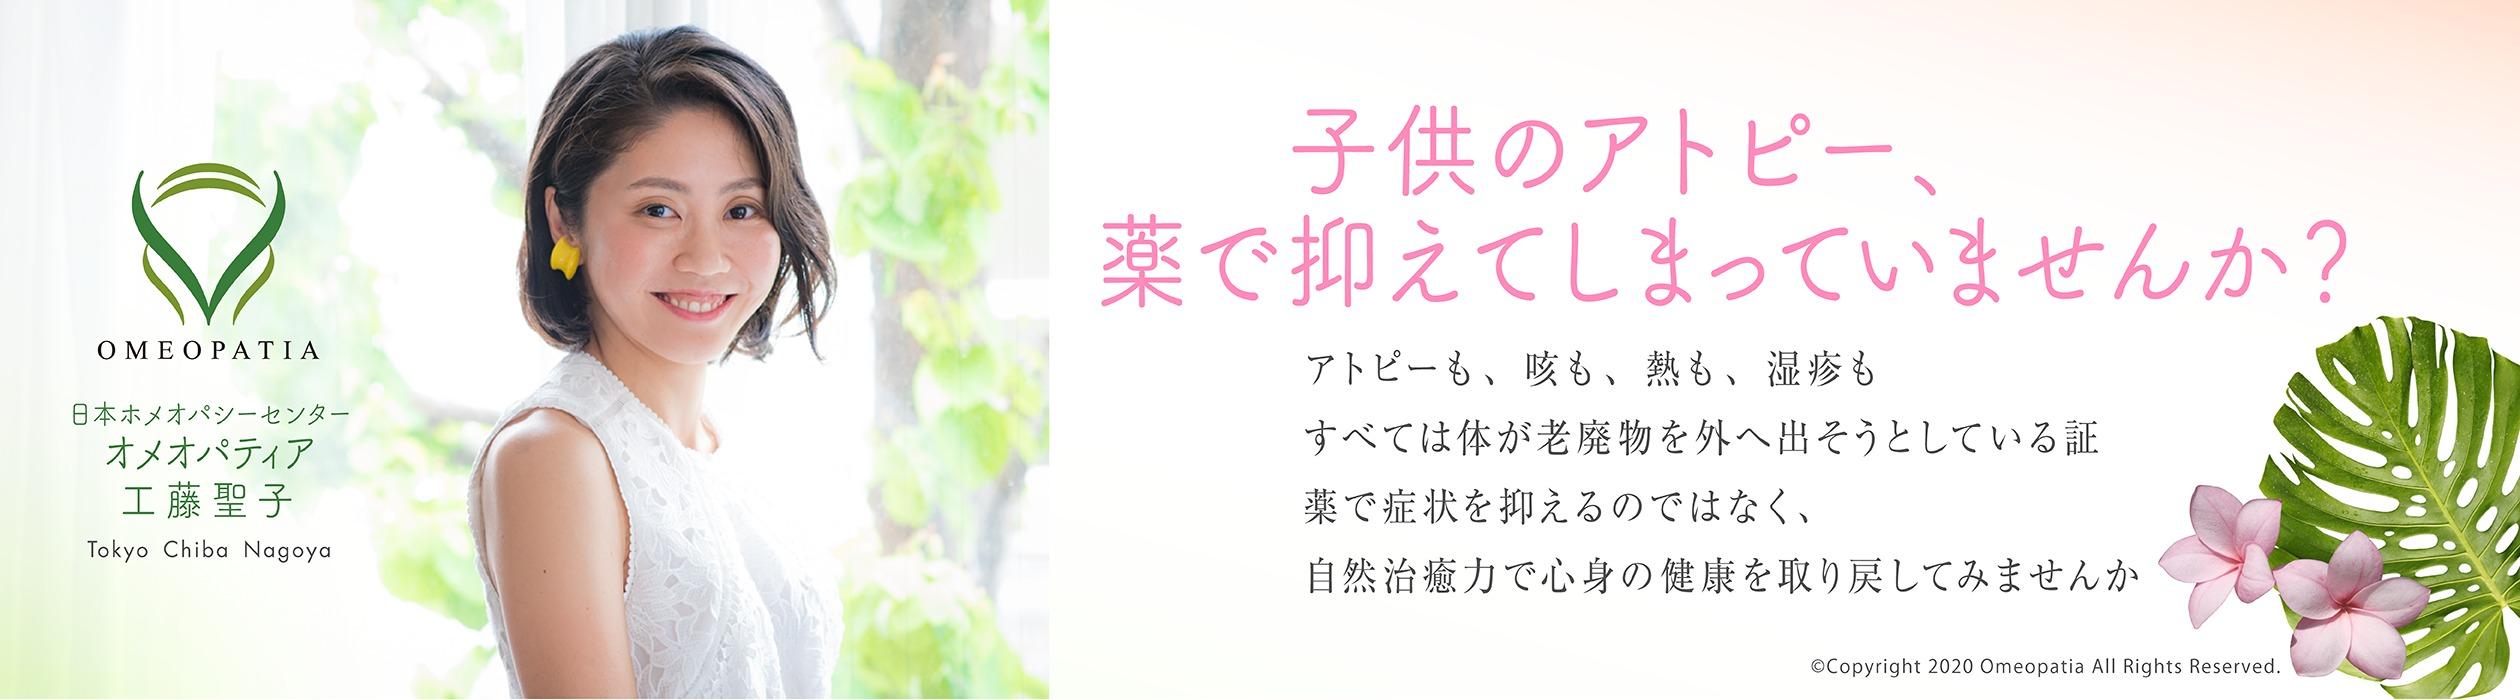 ホメオパス社長・工藤聖子のブログ